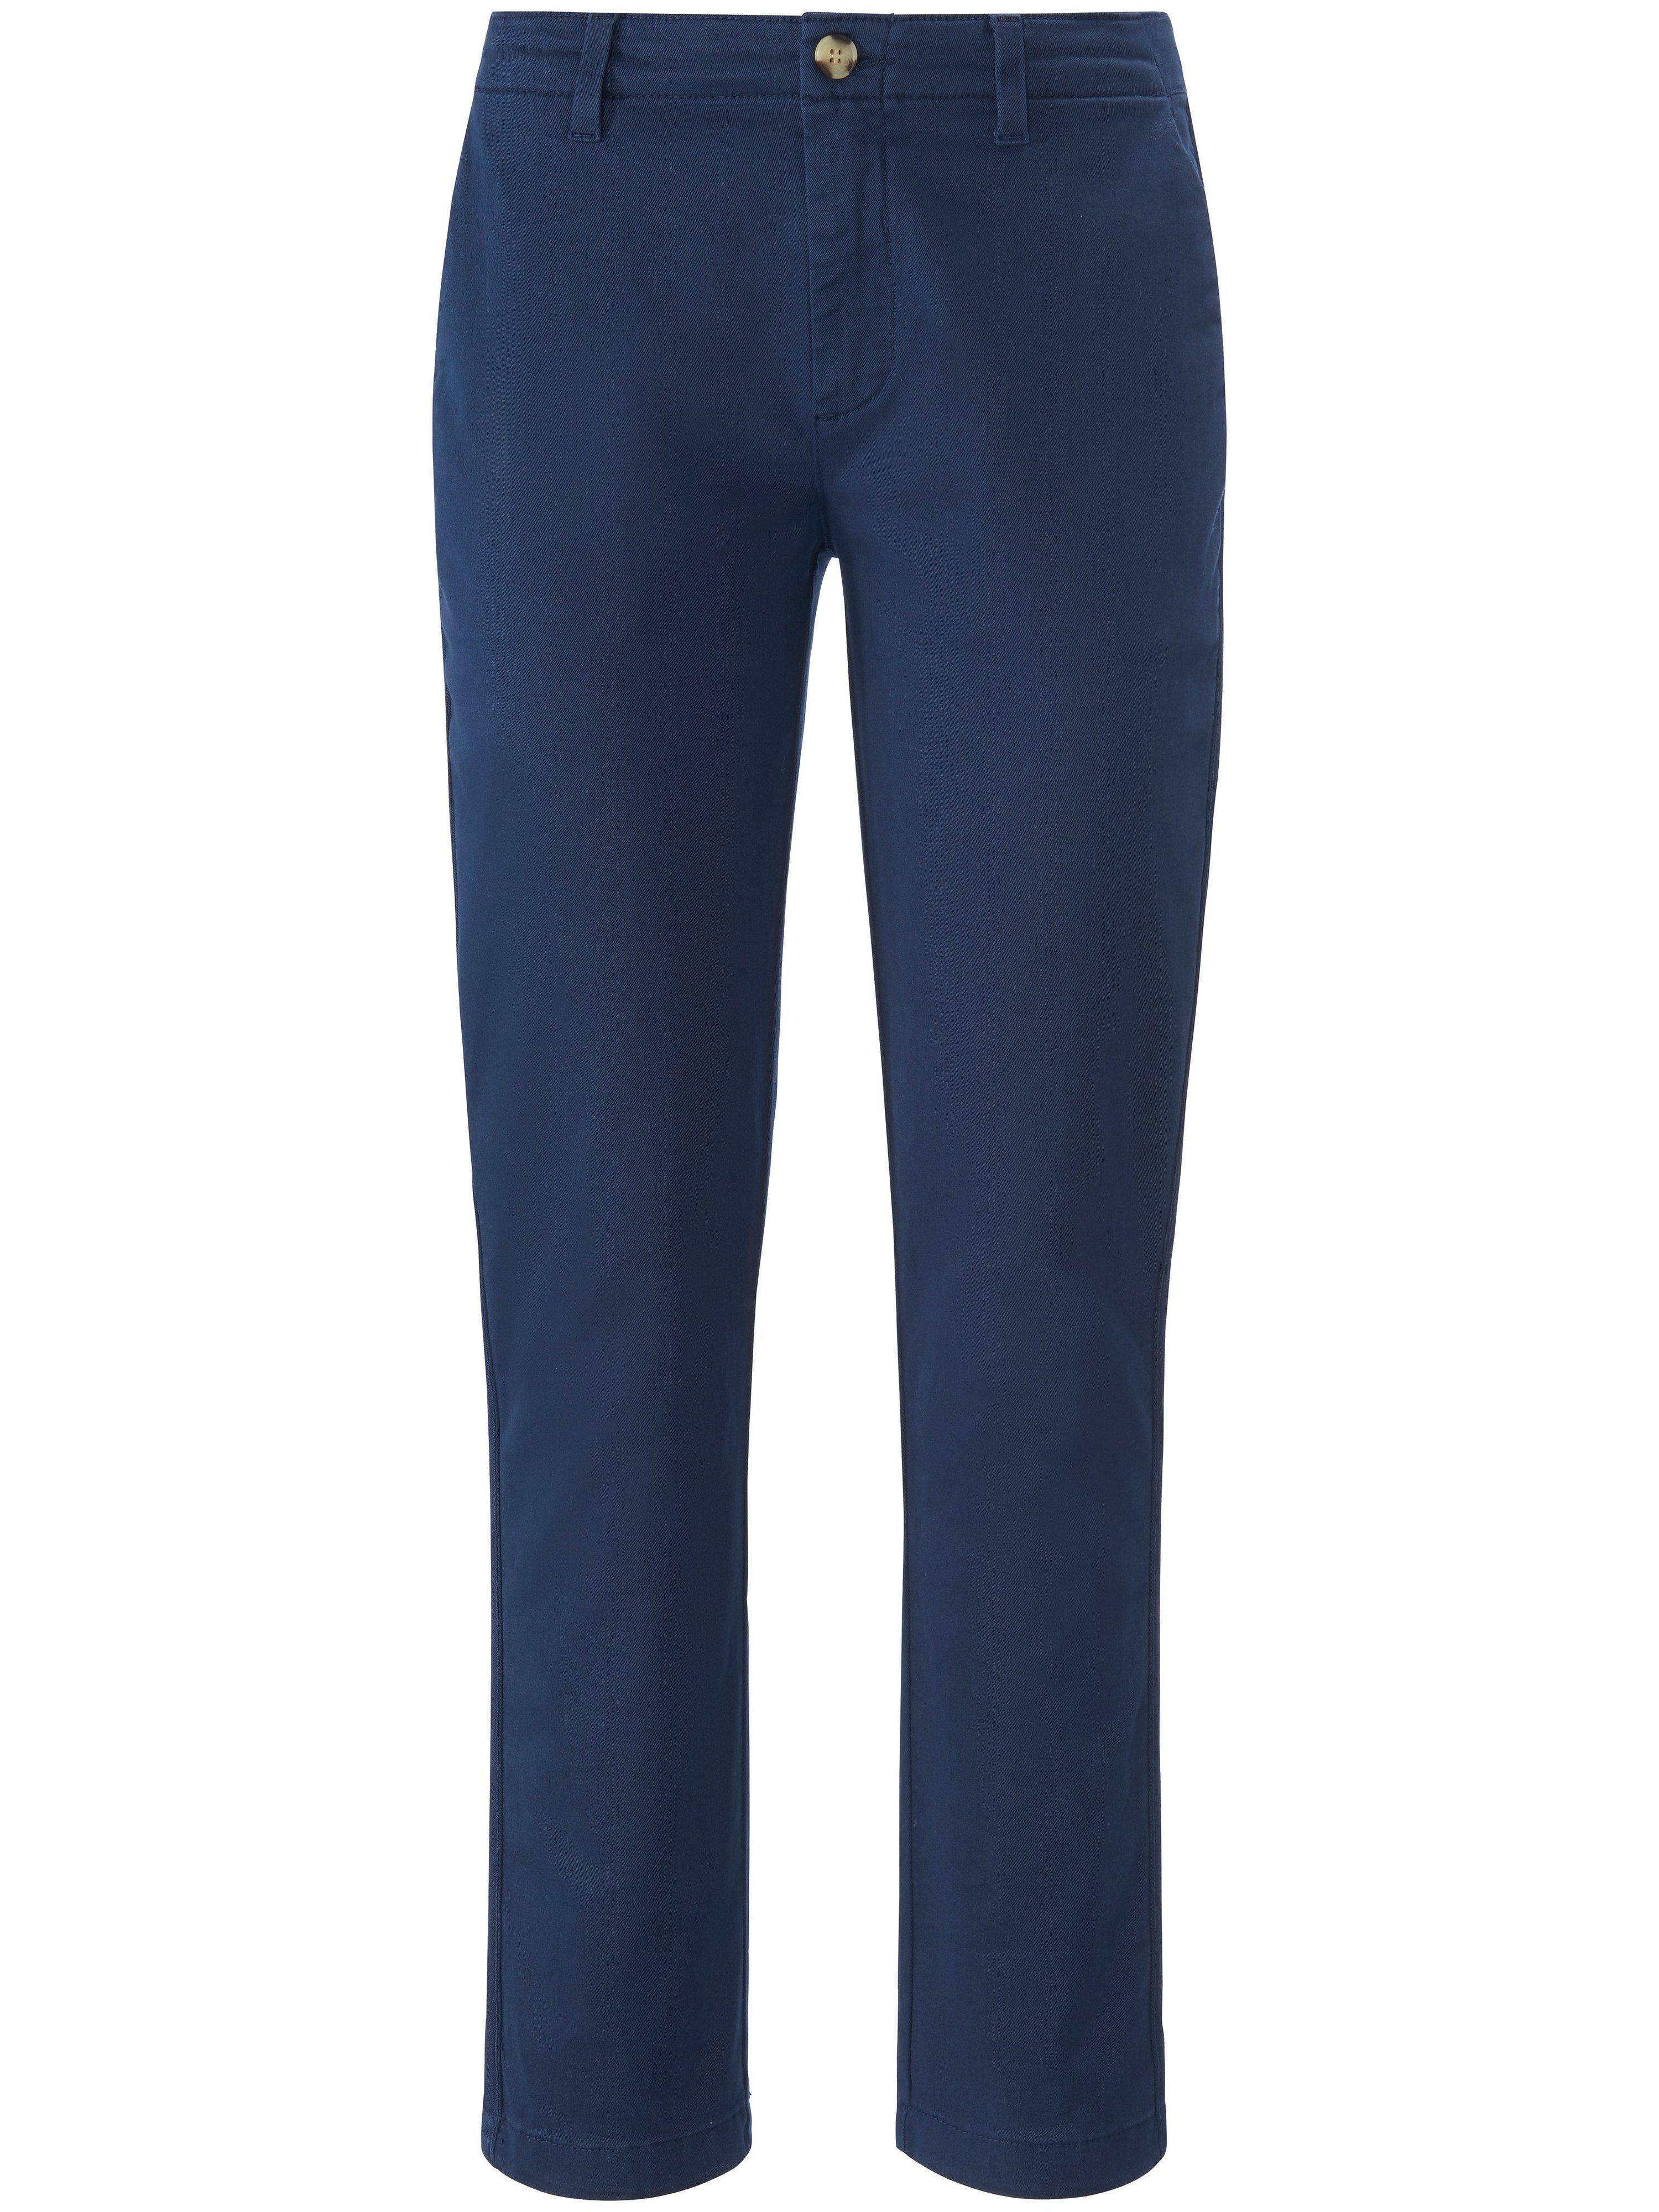 Enkellange Slim Fit-broek in chinostijl Van DAY.LIKE blauw